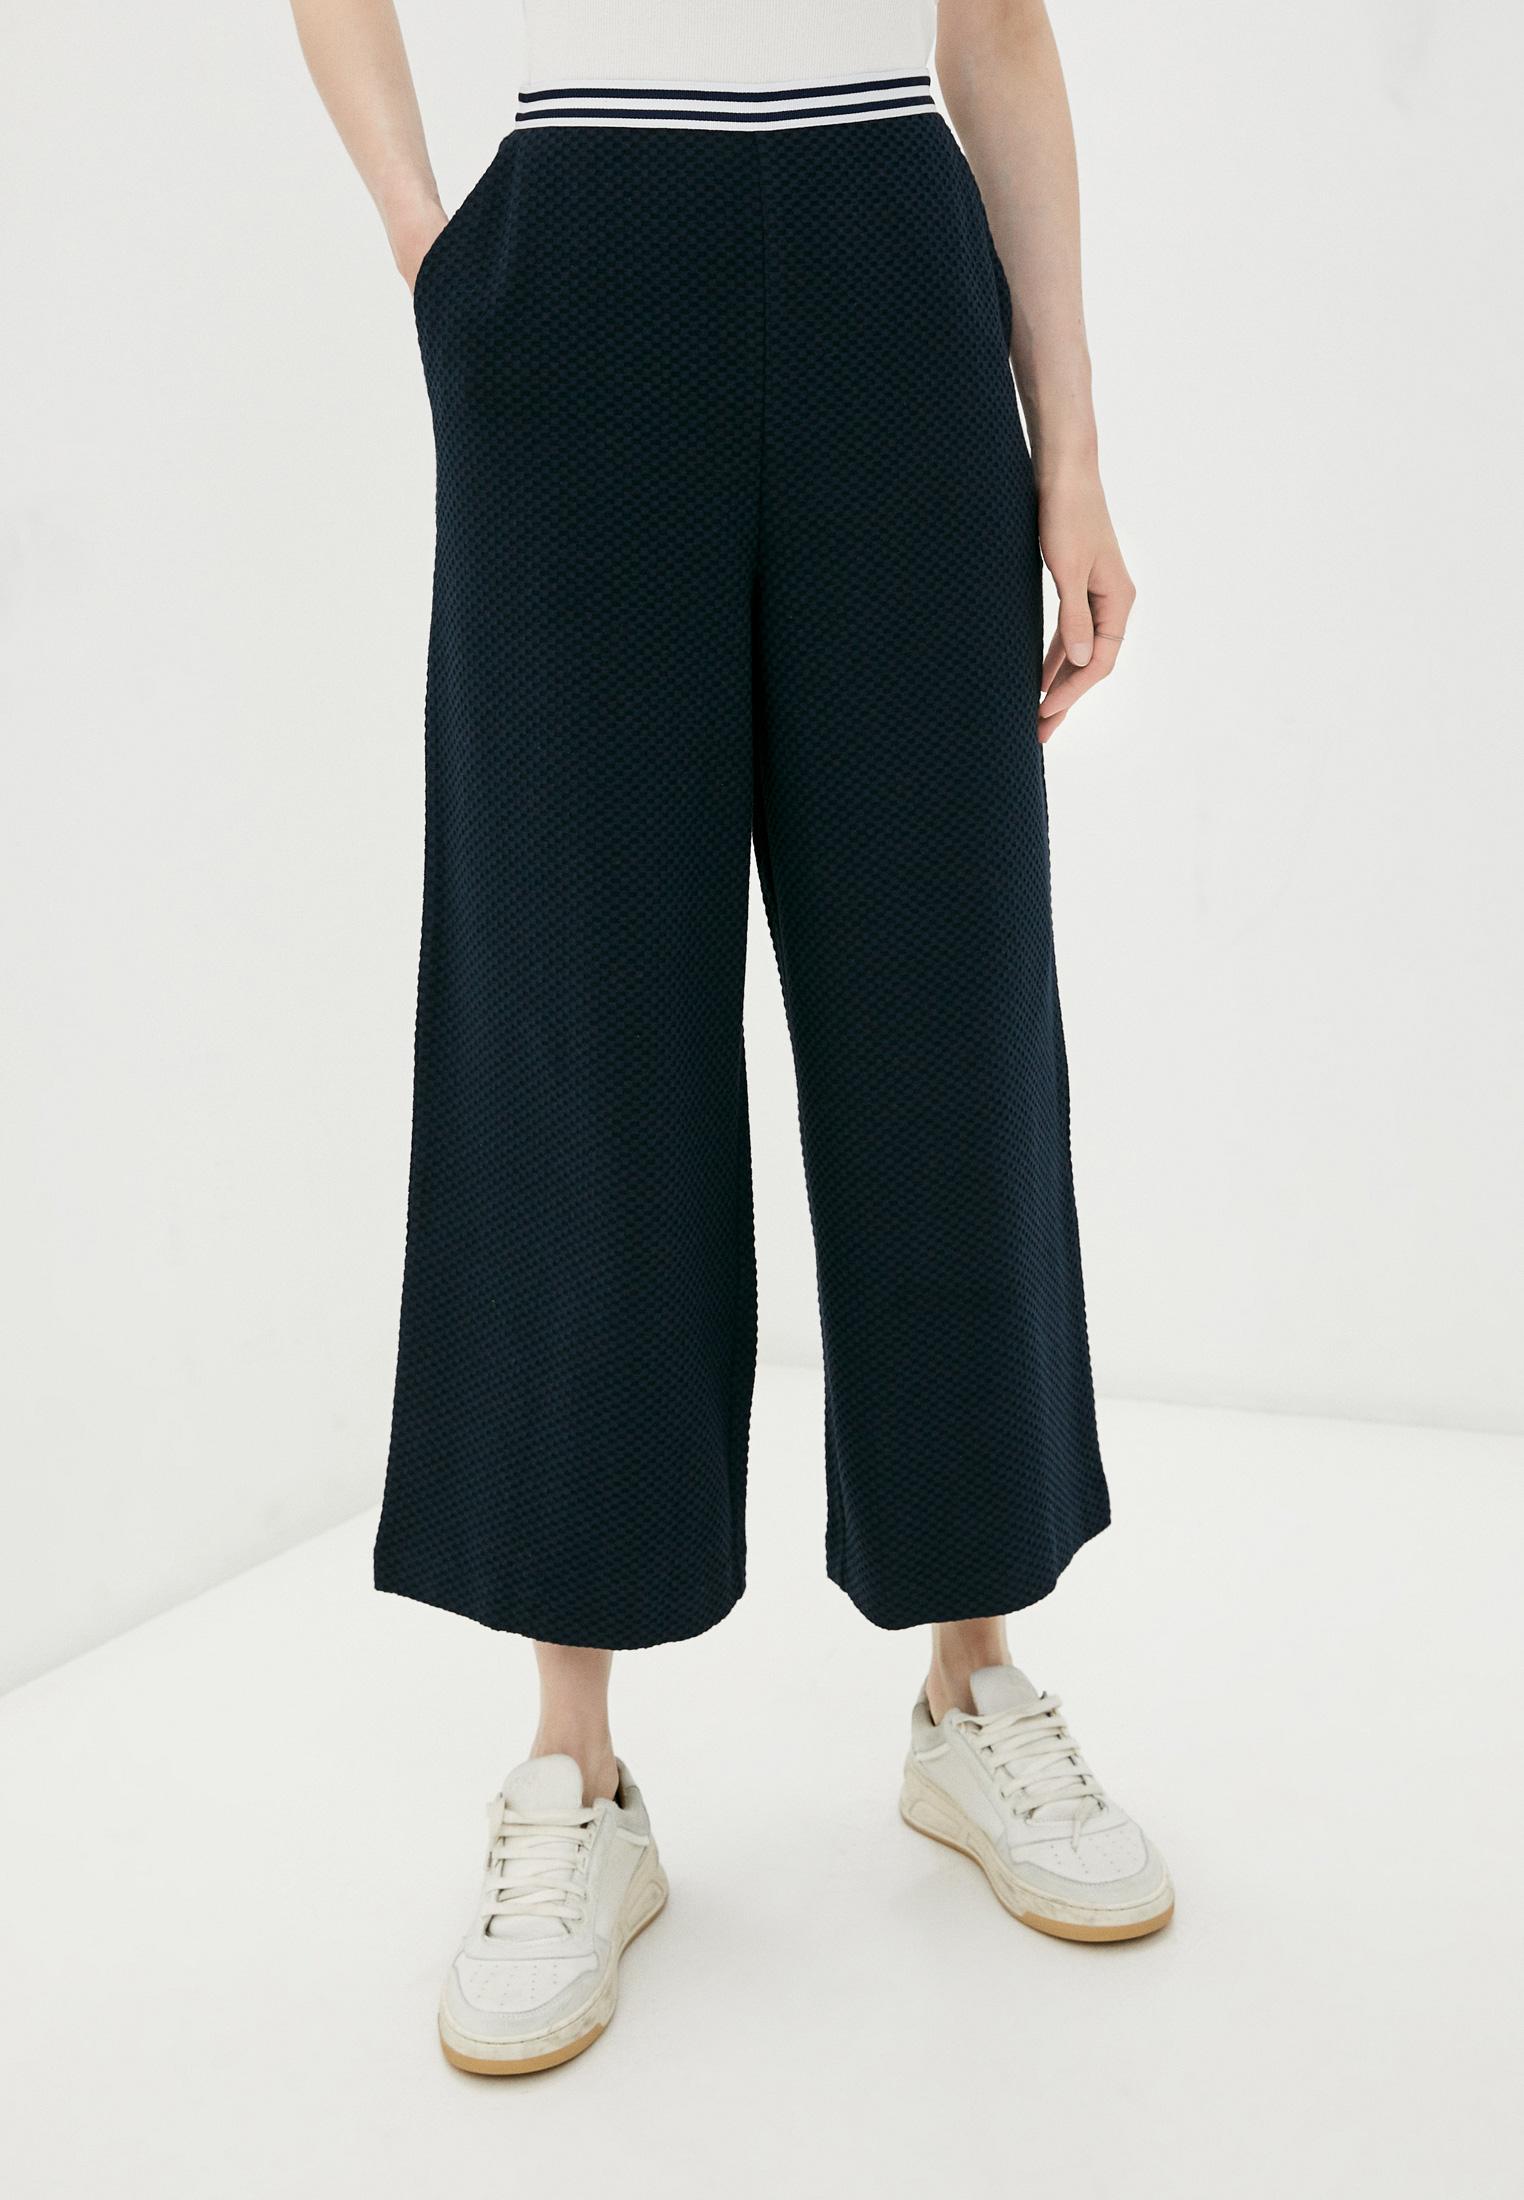 Женские широкие и расклешенные брюки Tommy Hilfiger (Томми Хилфигер) WW0WW30254: изображение 1